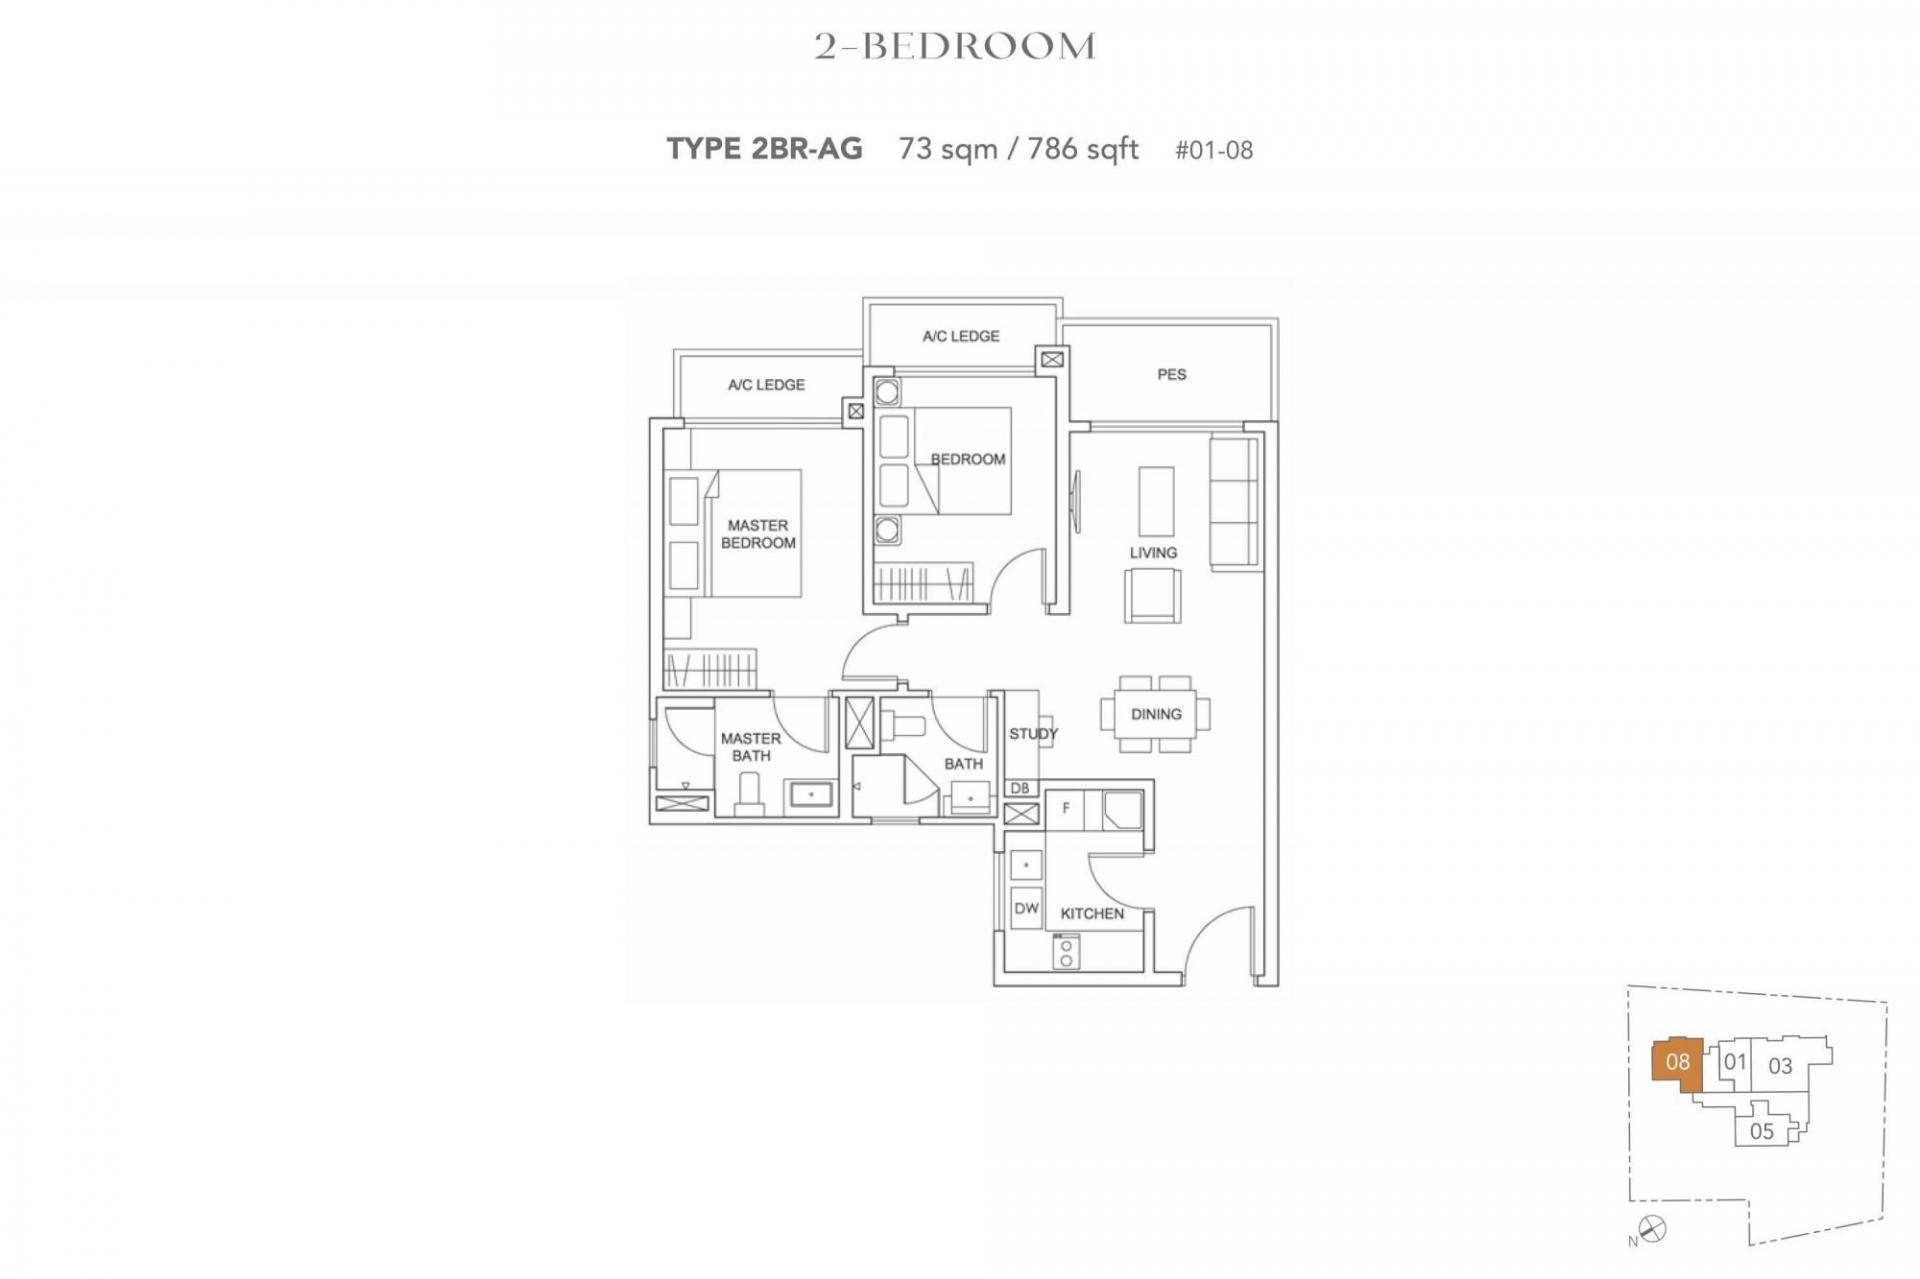 jervois-treasures-floor-plan-2